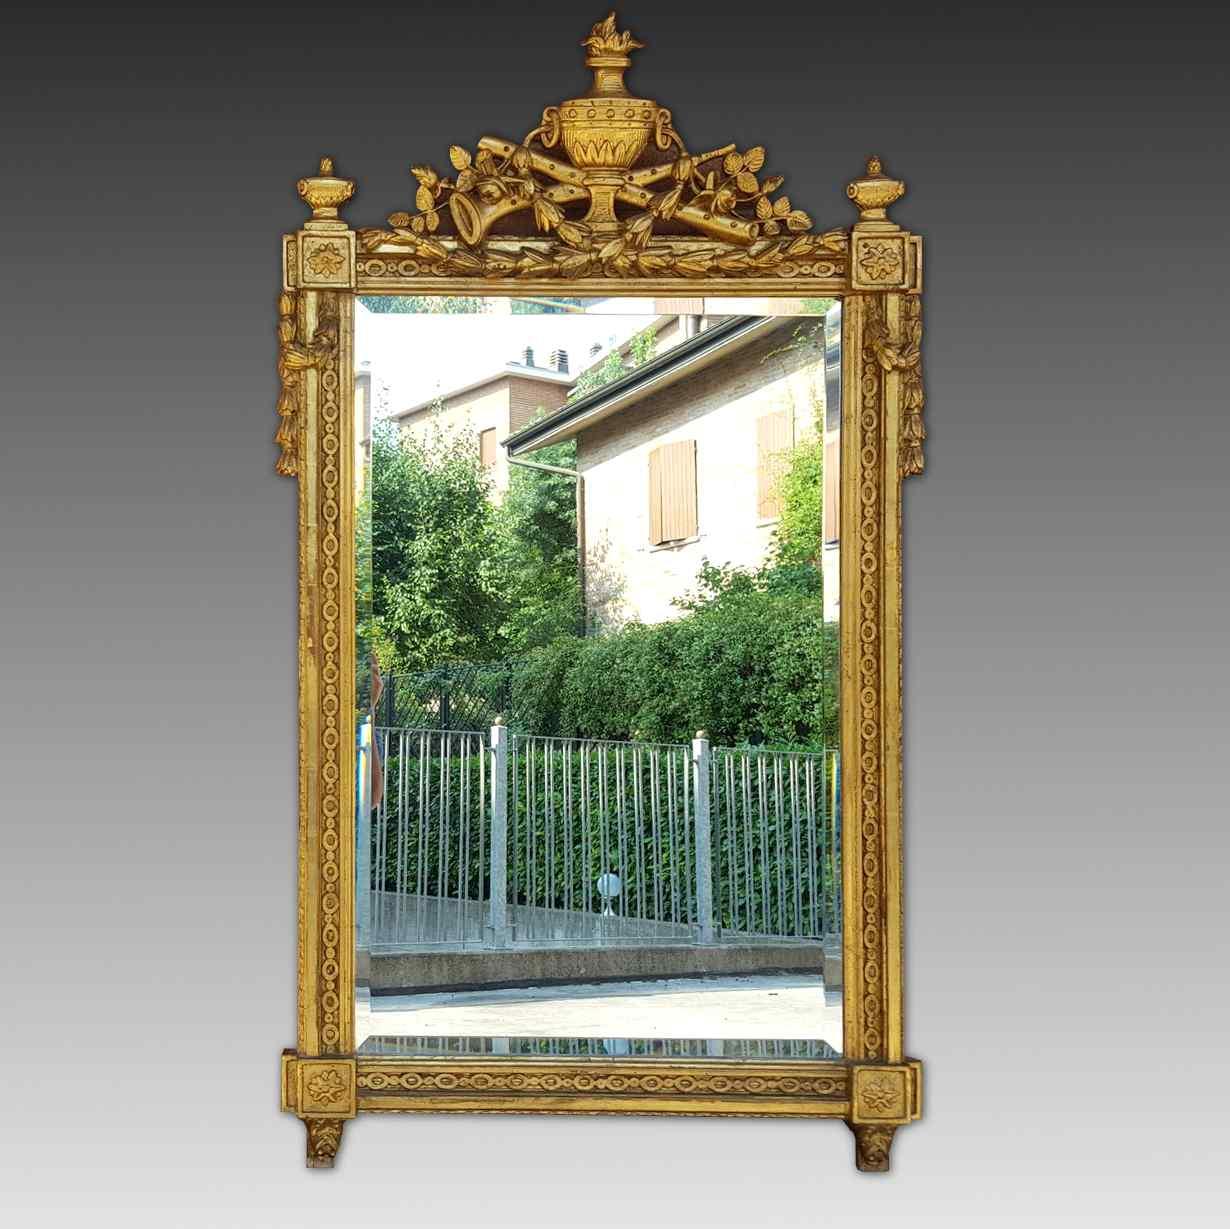 Античный позолоченный зеркало Наполеона III - 19 век